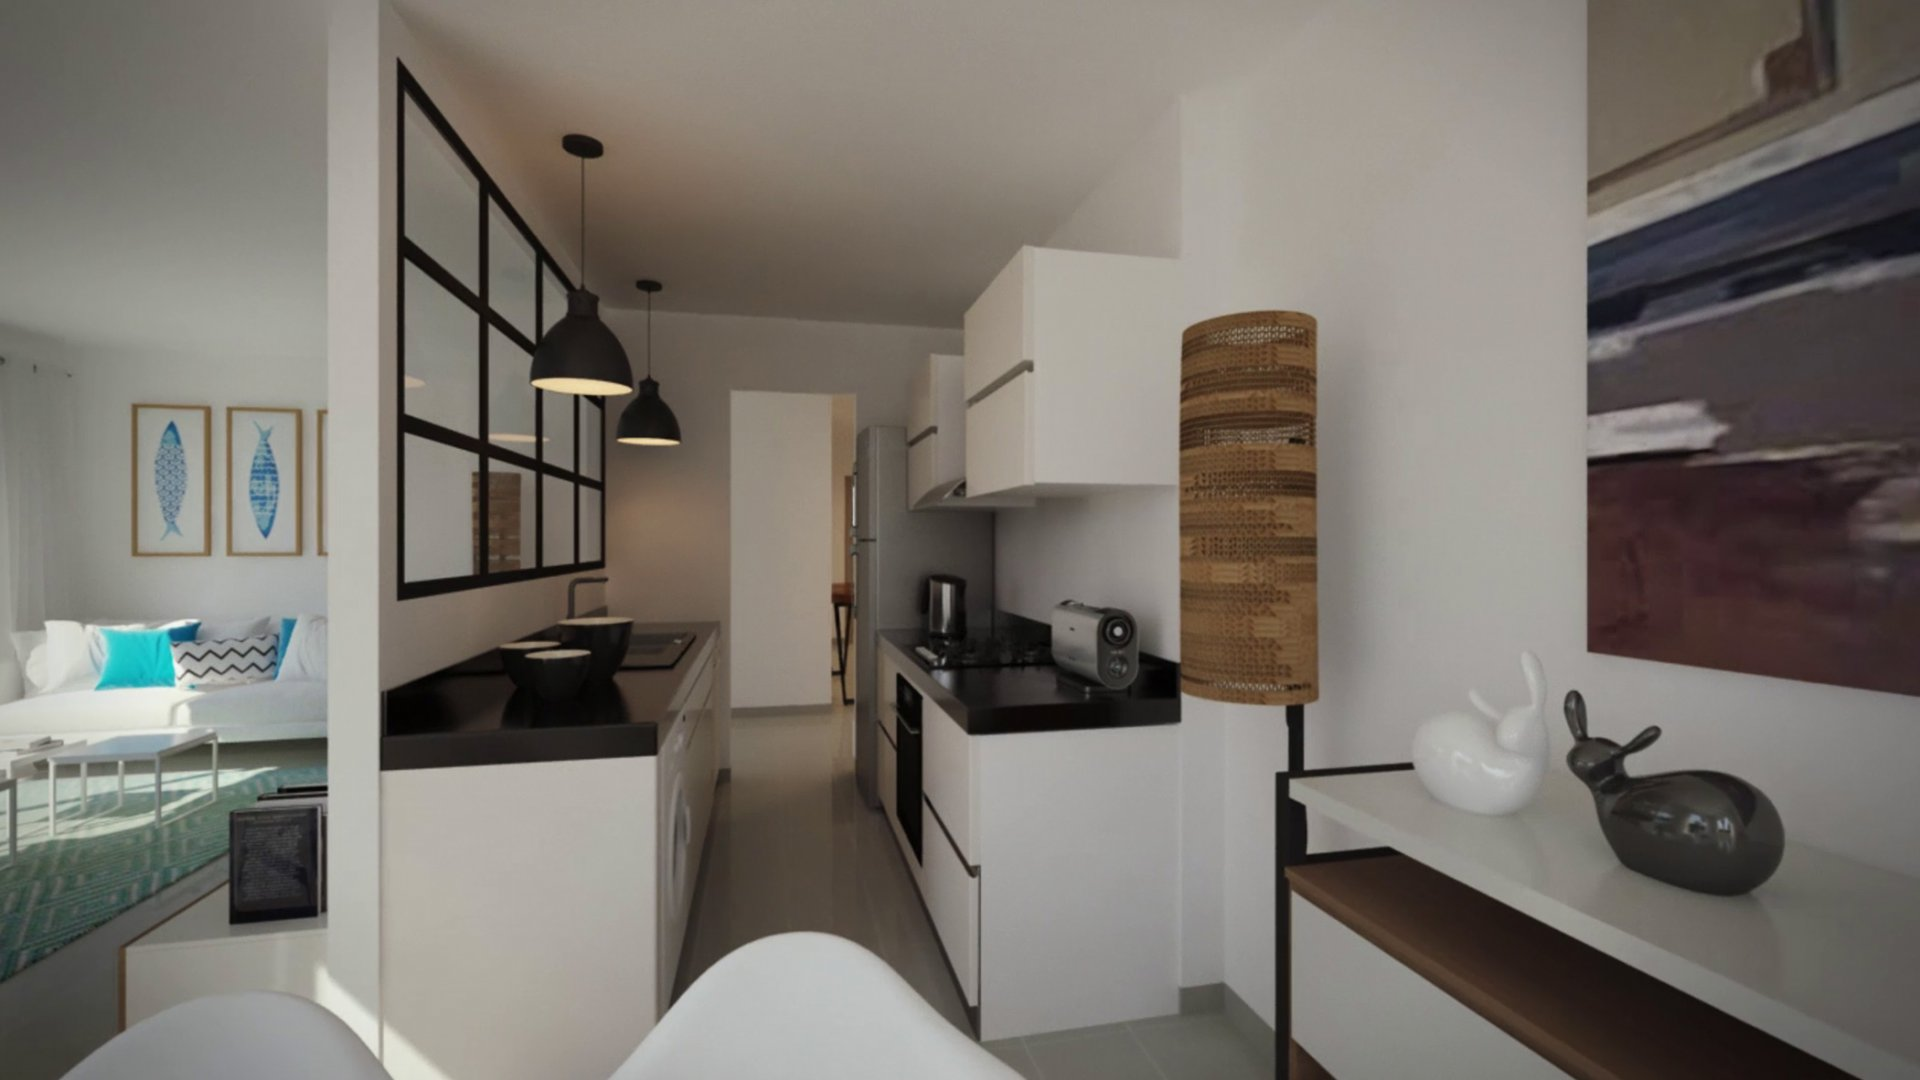 Appartement s+3 à hergla